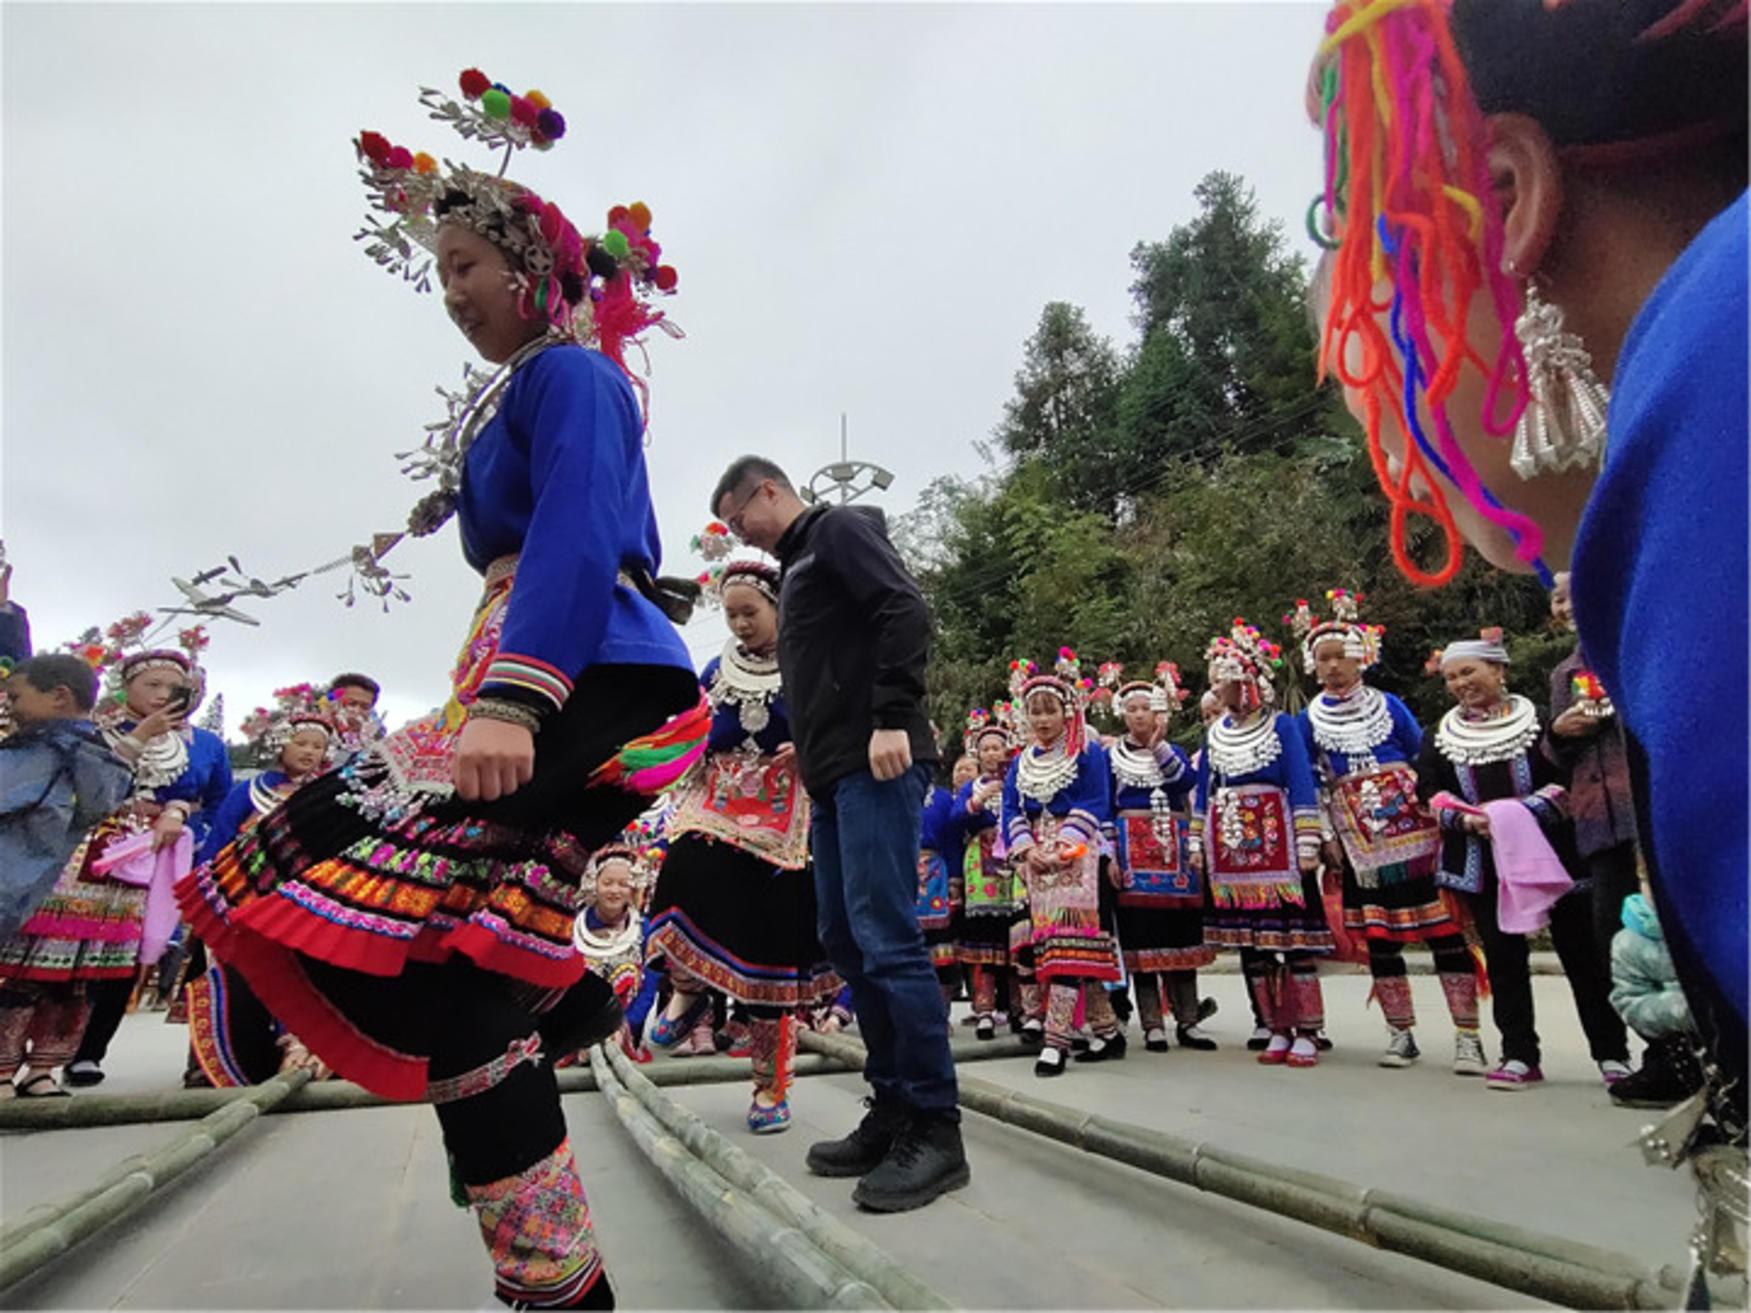 侗族阿妹和游客在跳竹竿舞